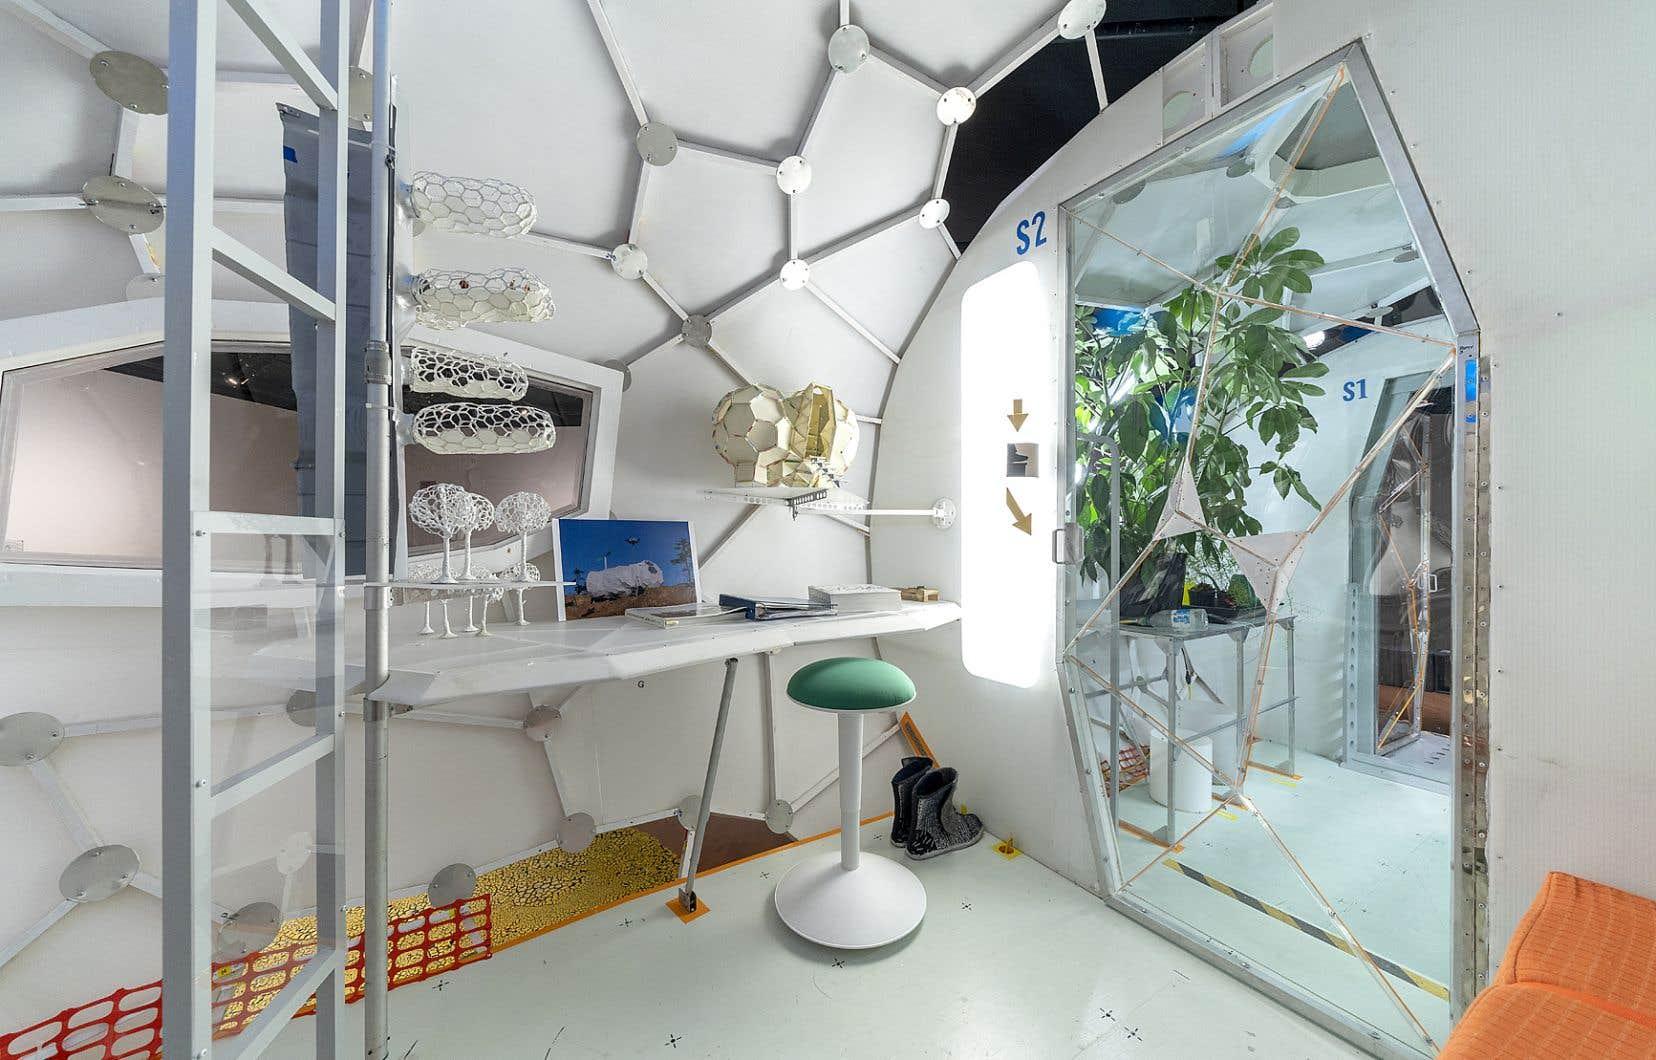 L'habitacle-vaisseau conçu par Daniel Corbeil serait le prototype le plus abouti jusqu'à ce jour pour vivre et se déplacer en autarcie.